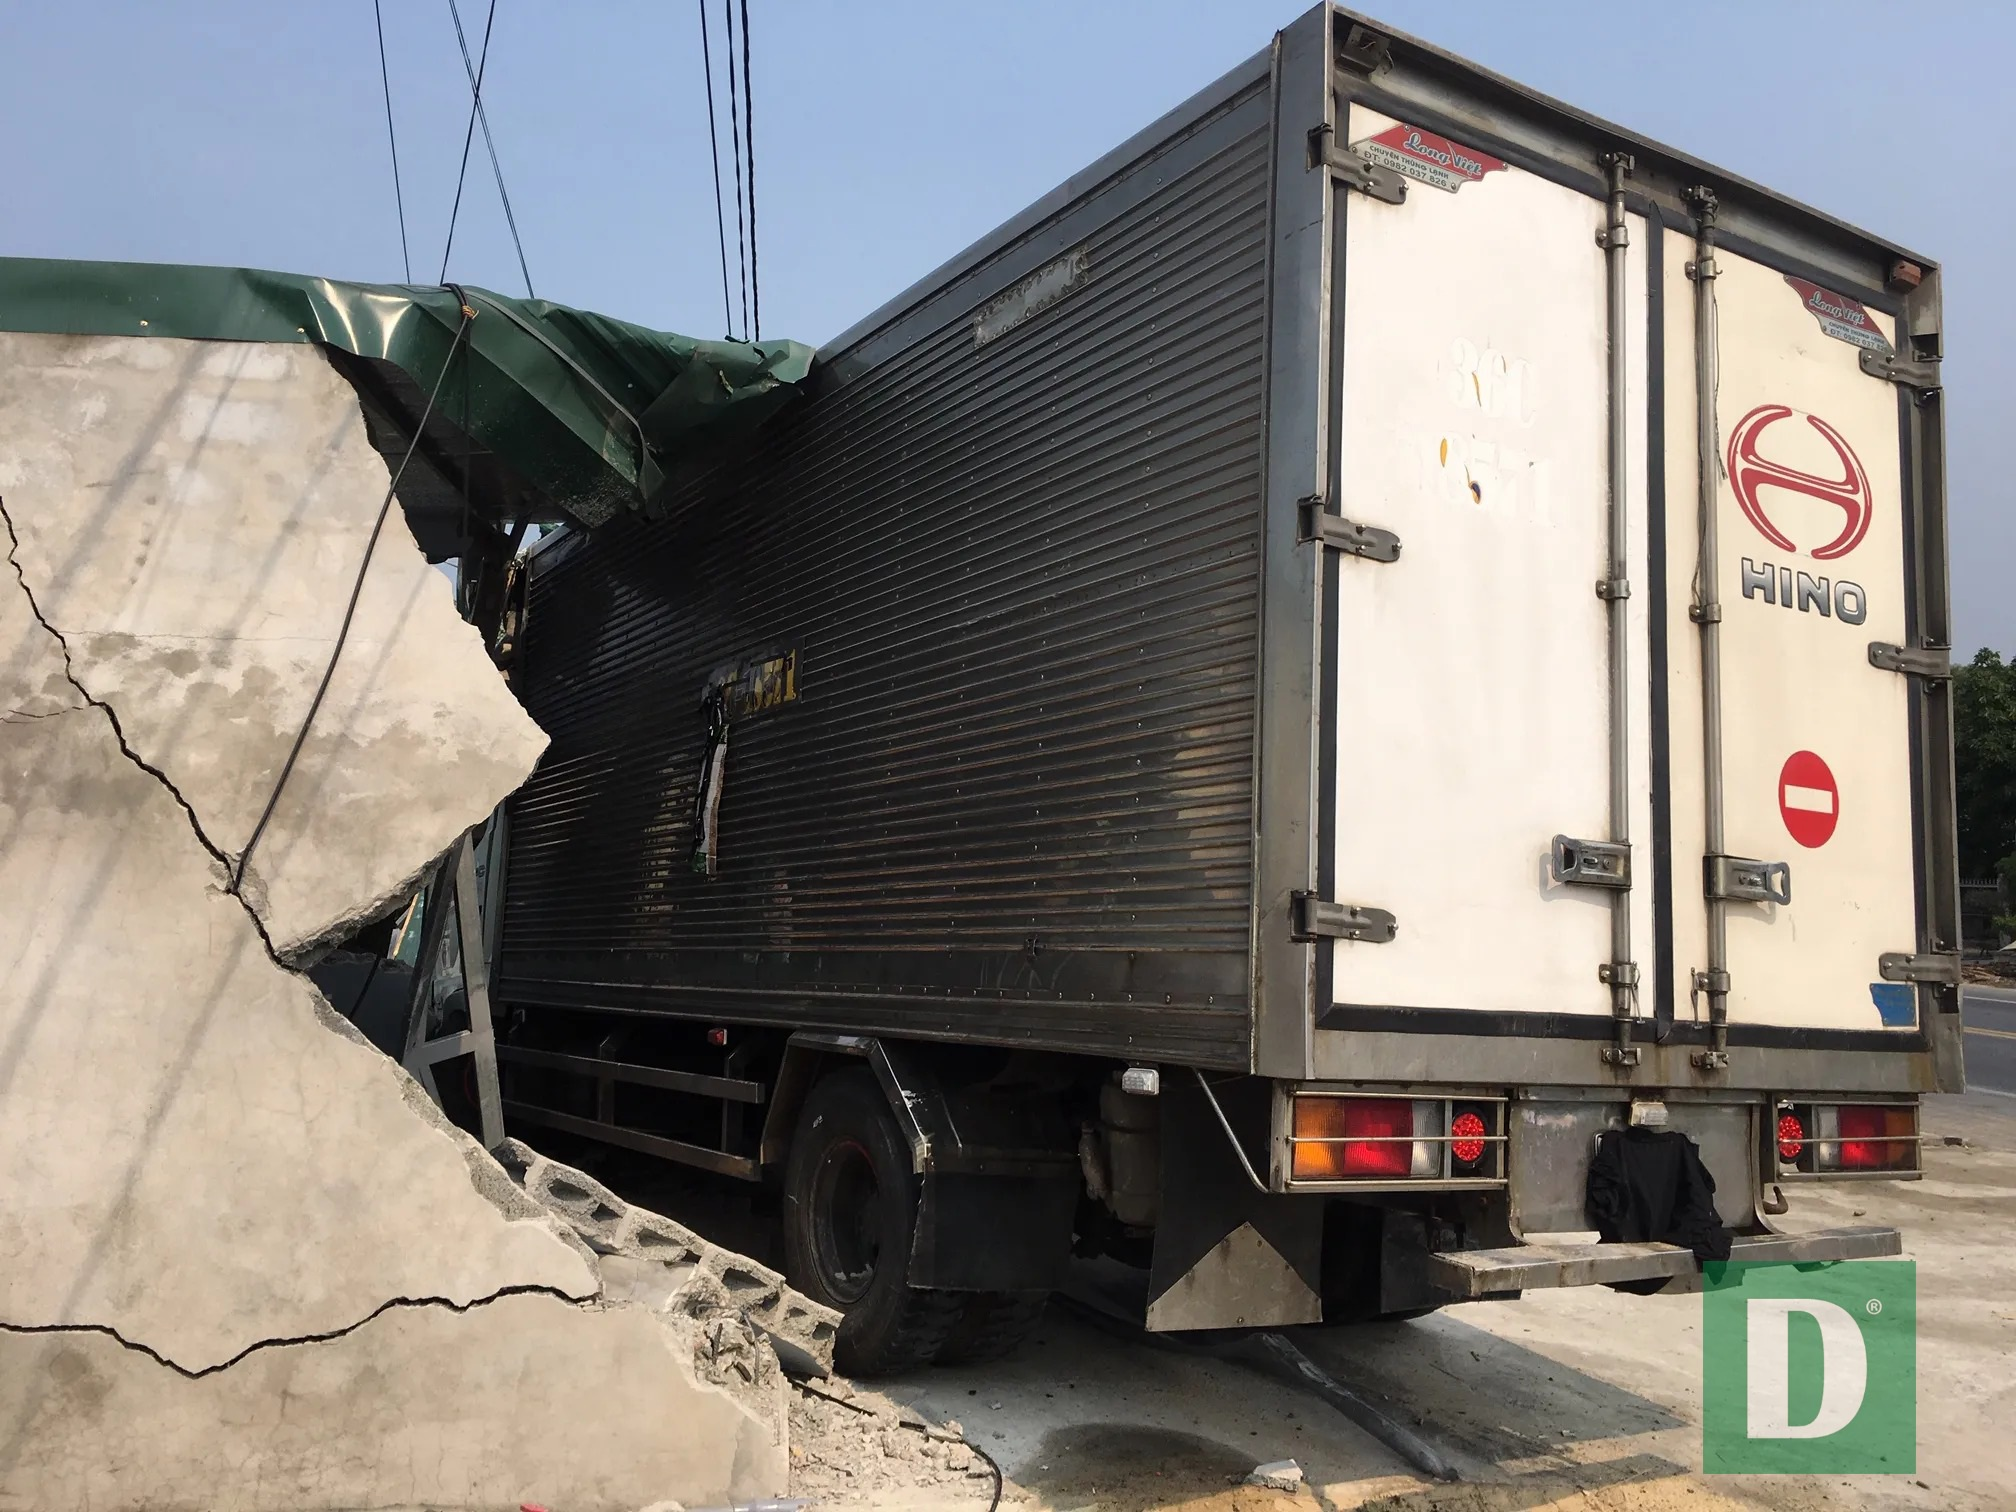 Xe tải tông sập tiệm cắt tóc, tài xế bị bắt đền 250 triệu đồng